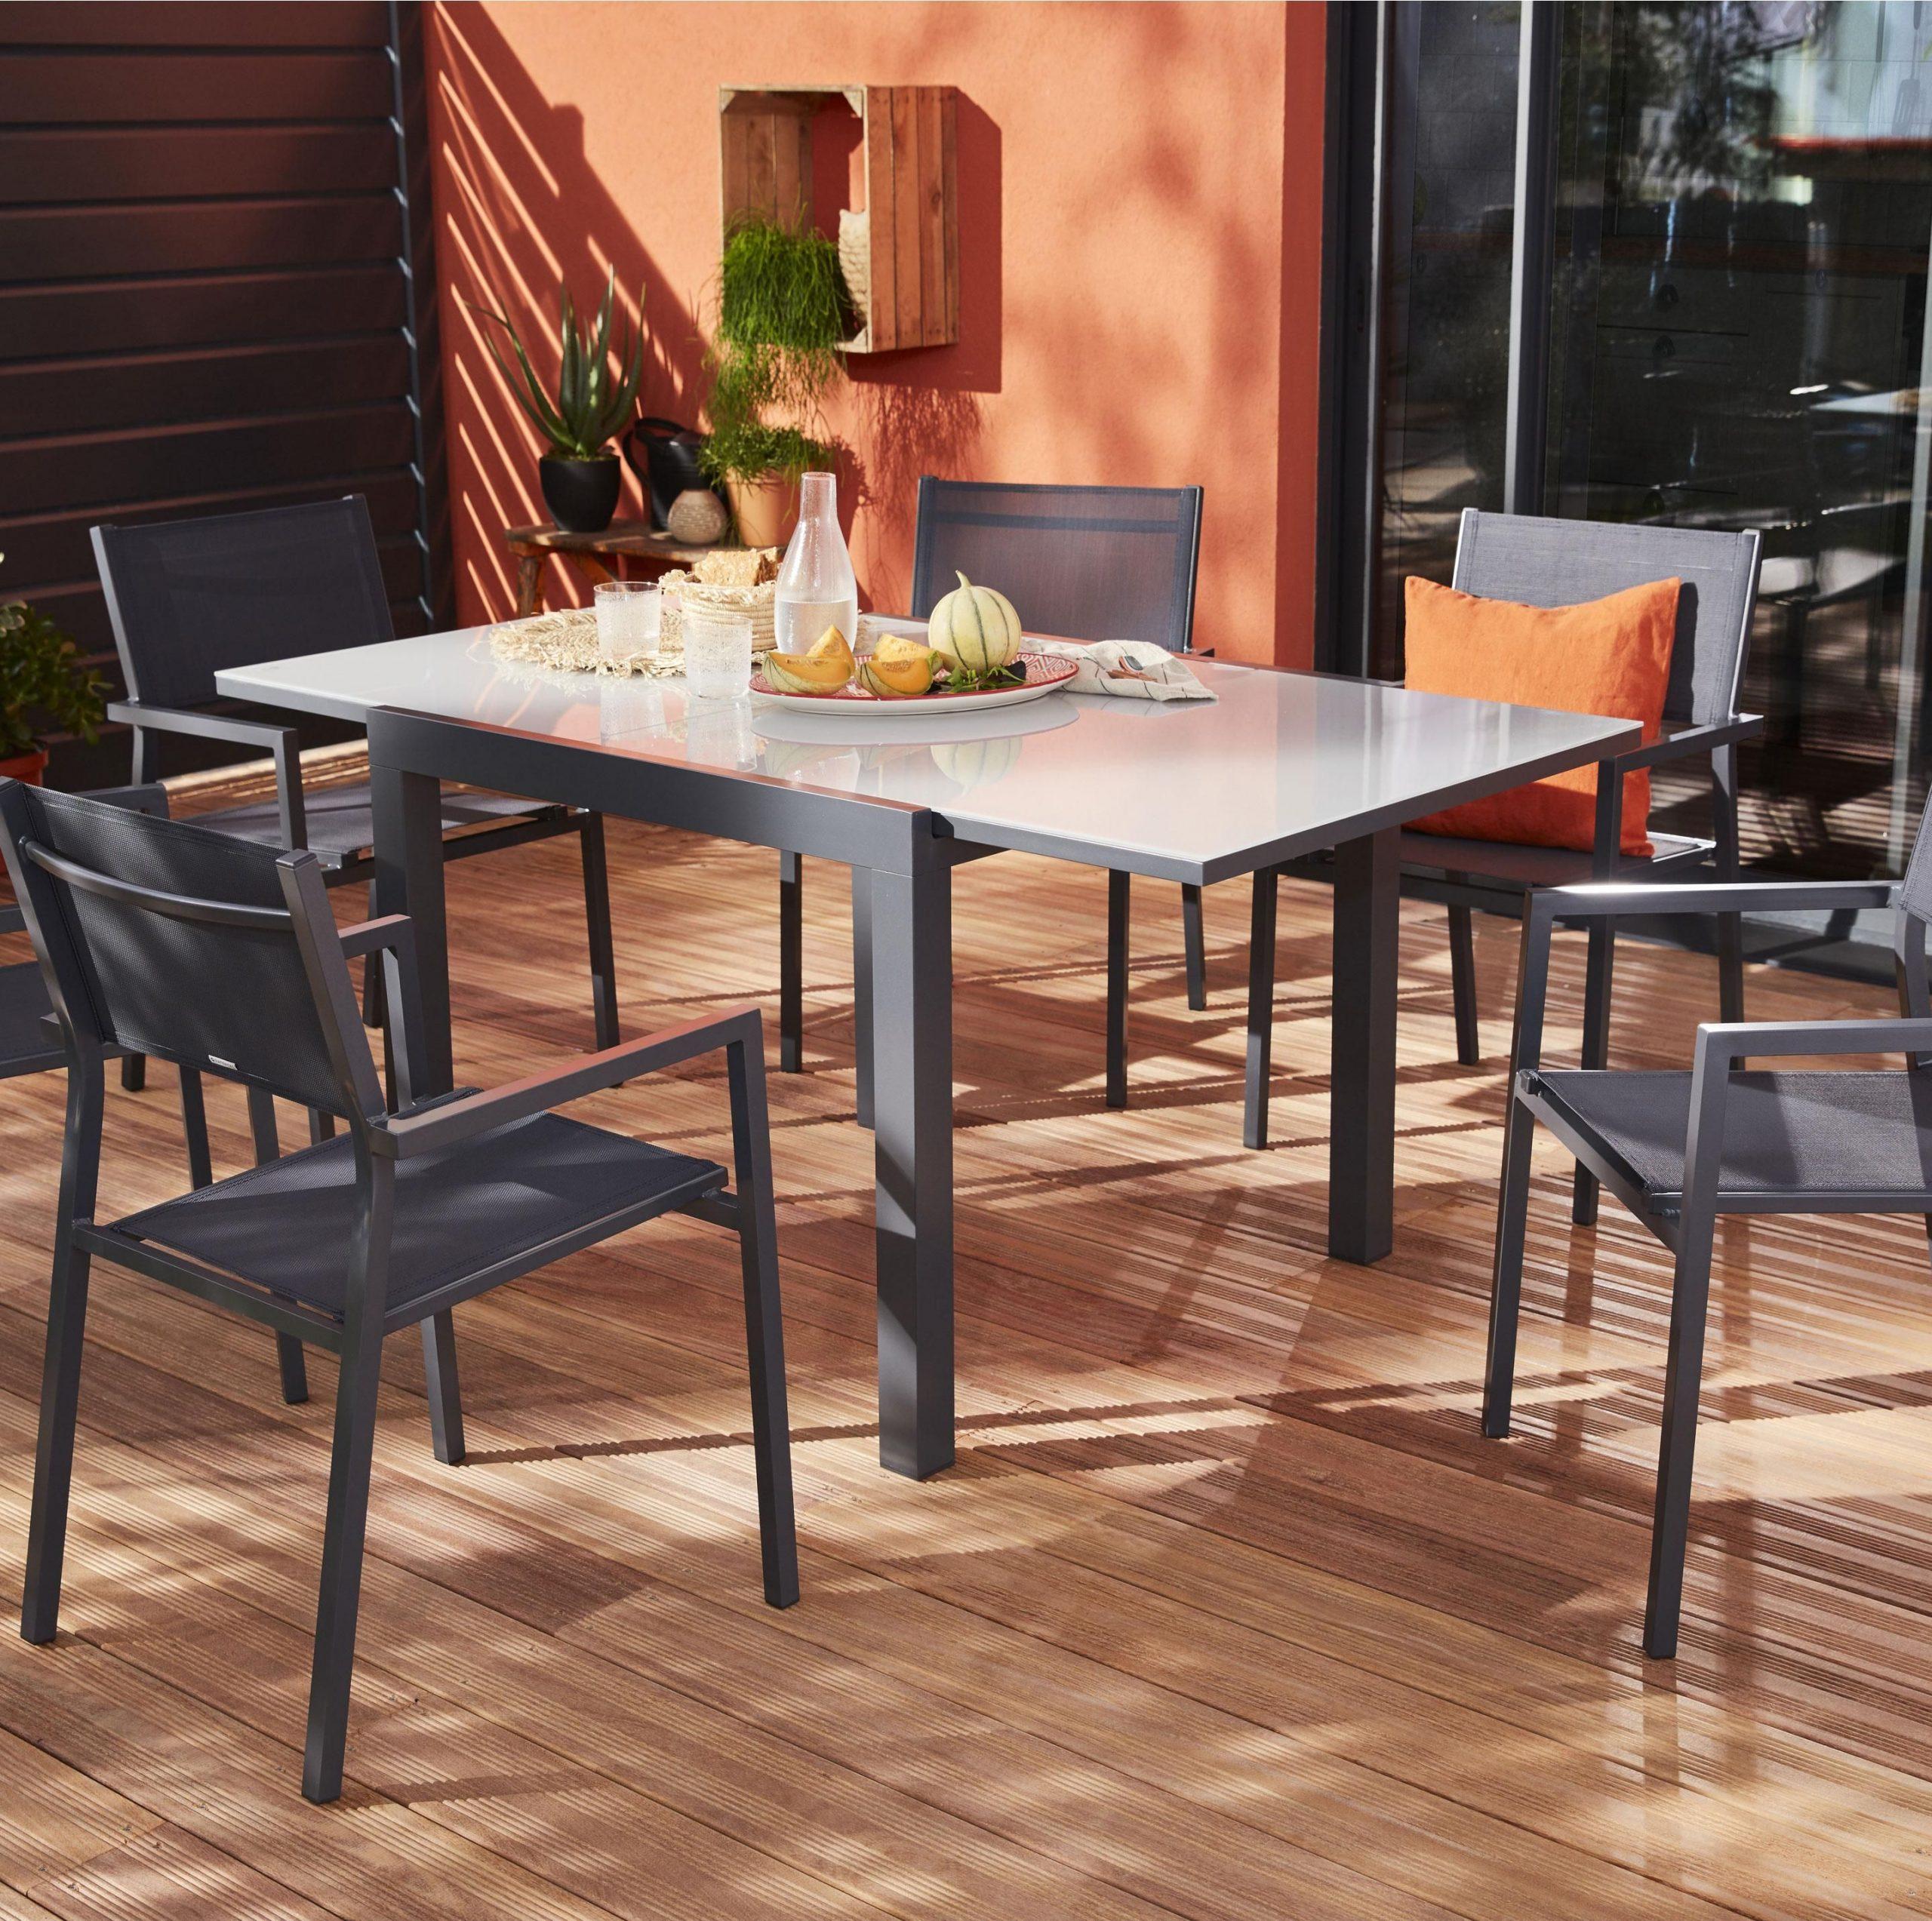 Table De Jardin De Repas Naterial Carrée 4 À 8 Personnes ... intérieur Table De Jardin Carrée 8 Personnes